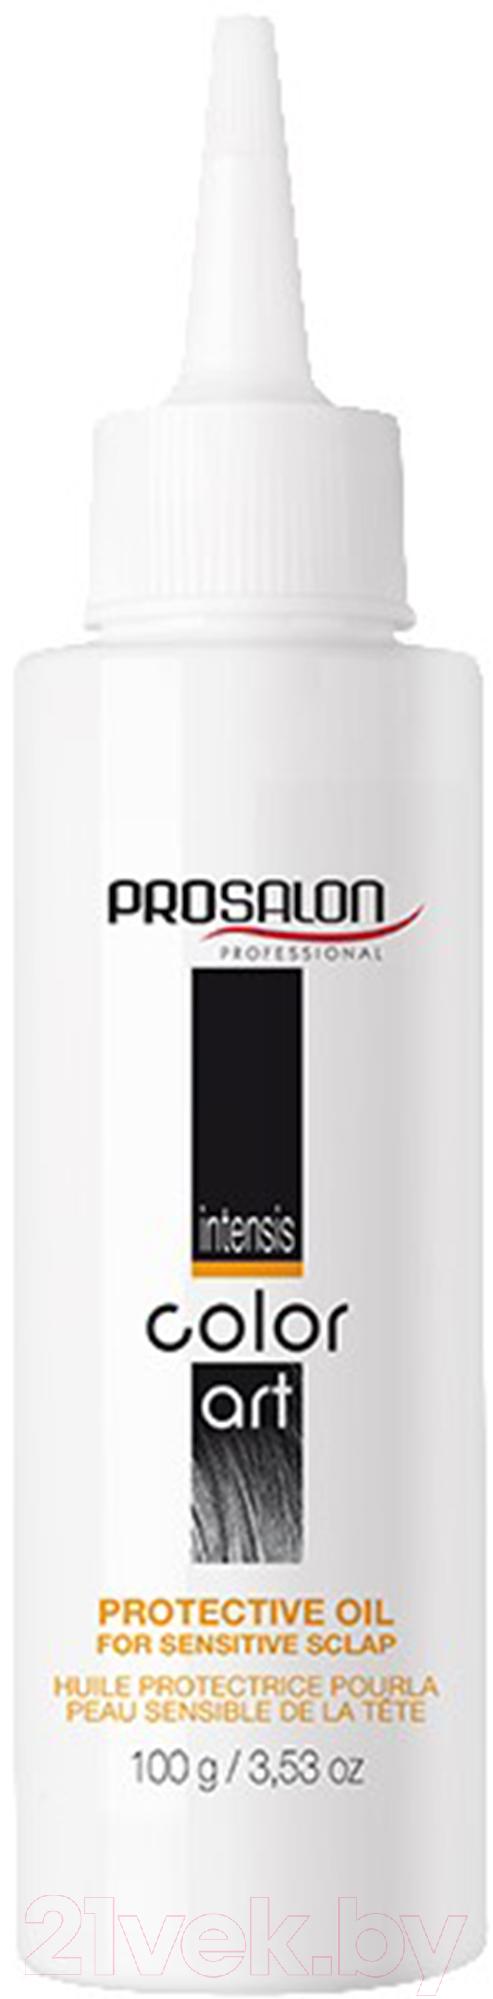 Купить Защитное средство для кожи головы во время окрашивания Prosalon, Protective Oil для чувствительной кожи головы (100мл), Польша